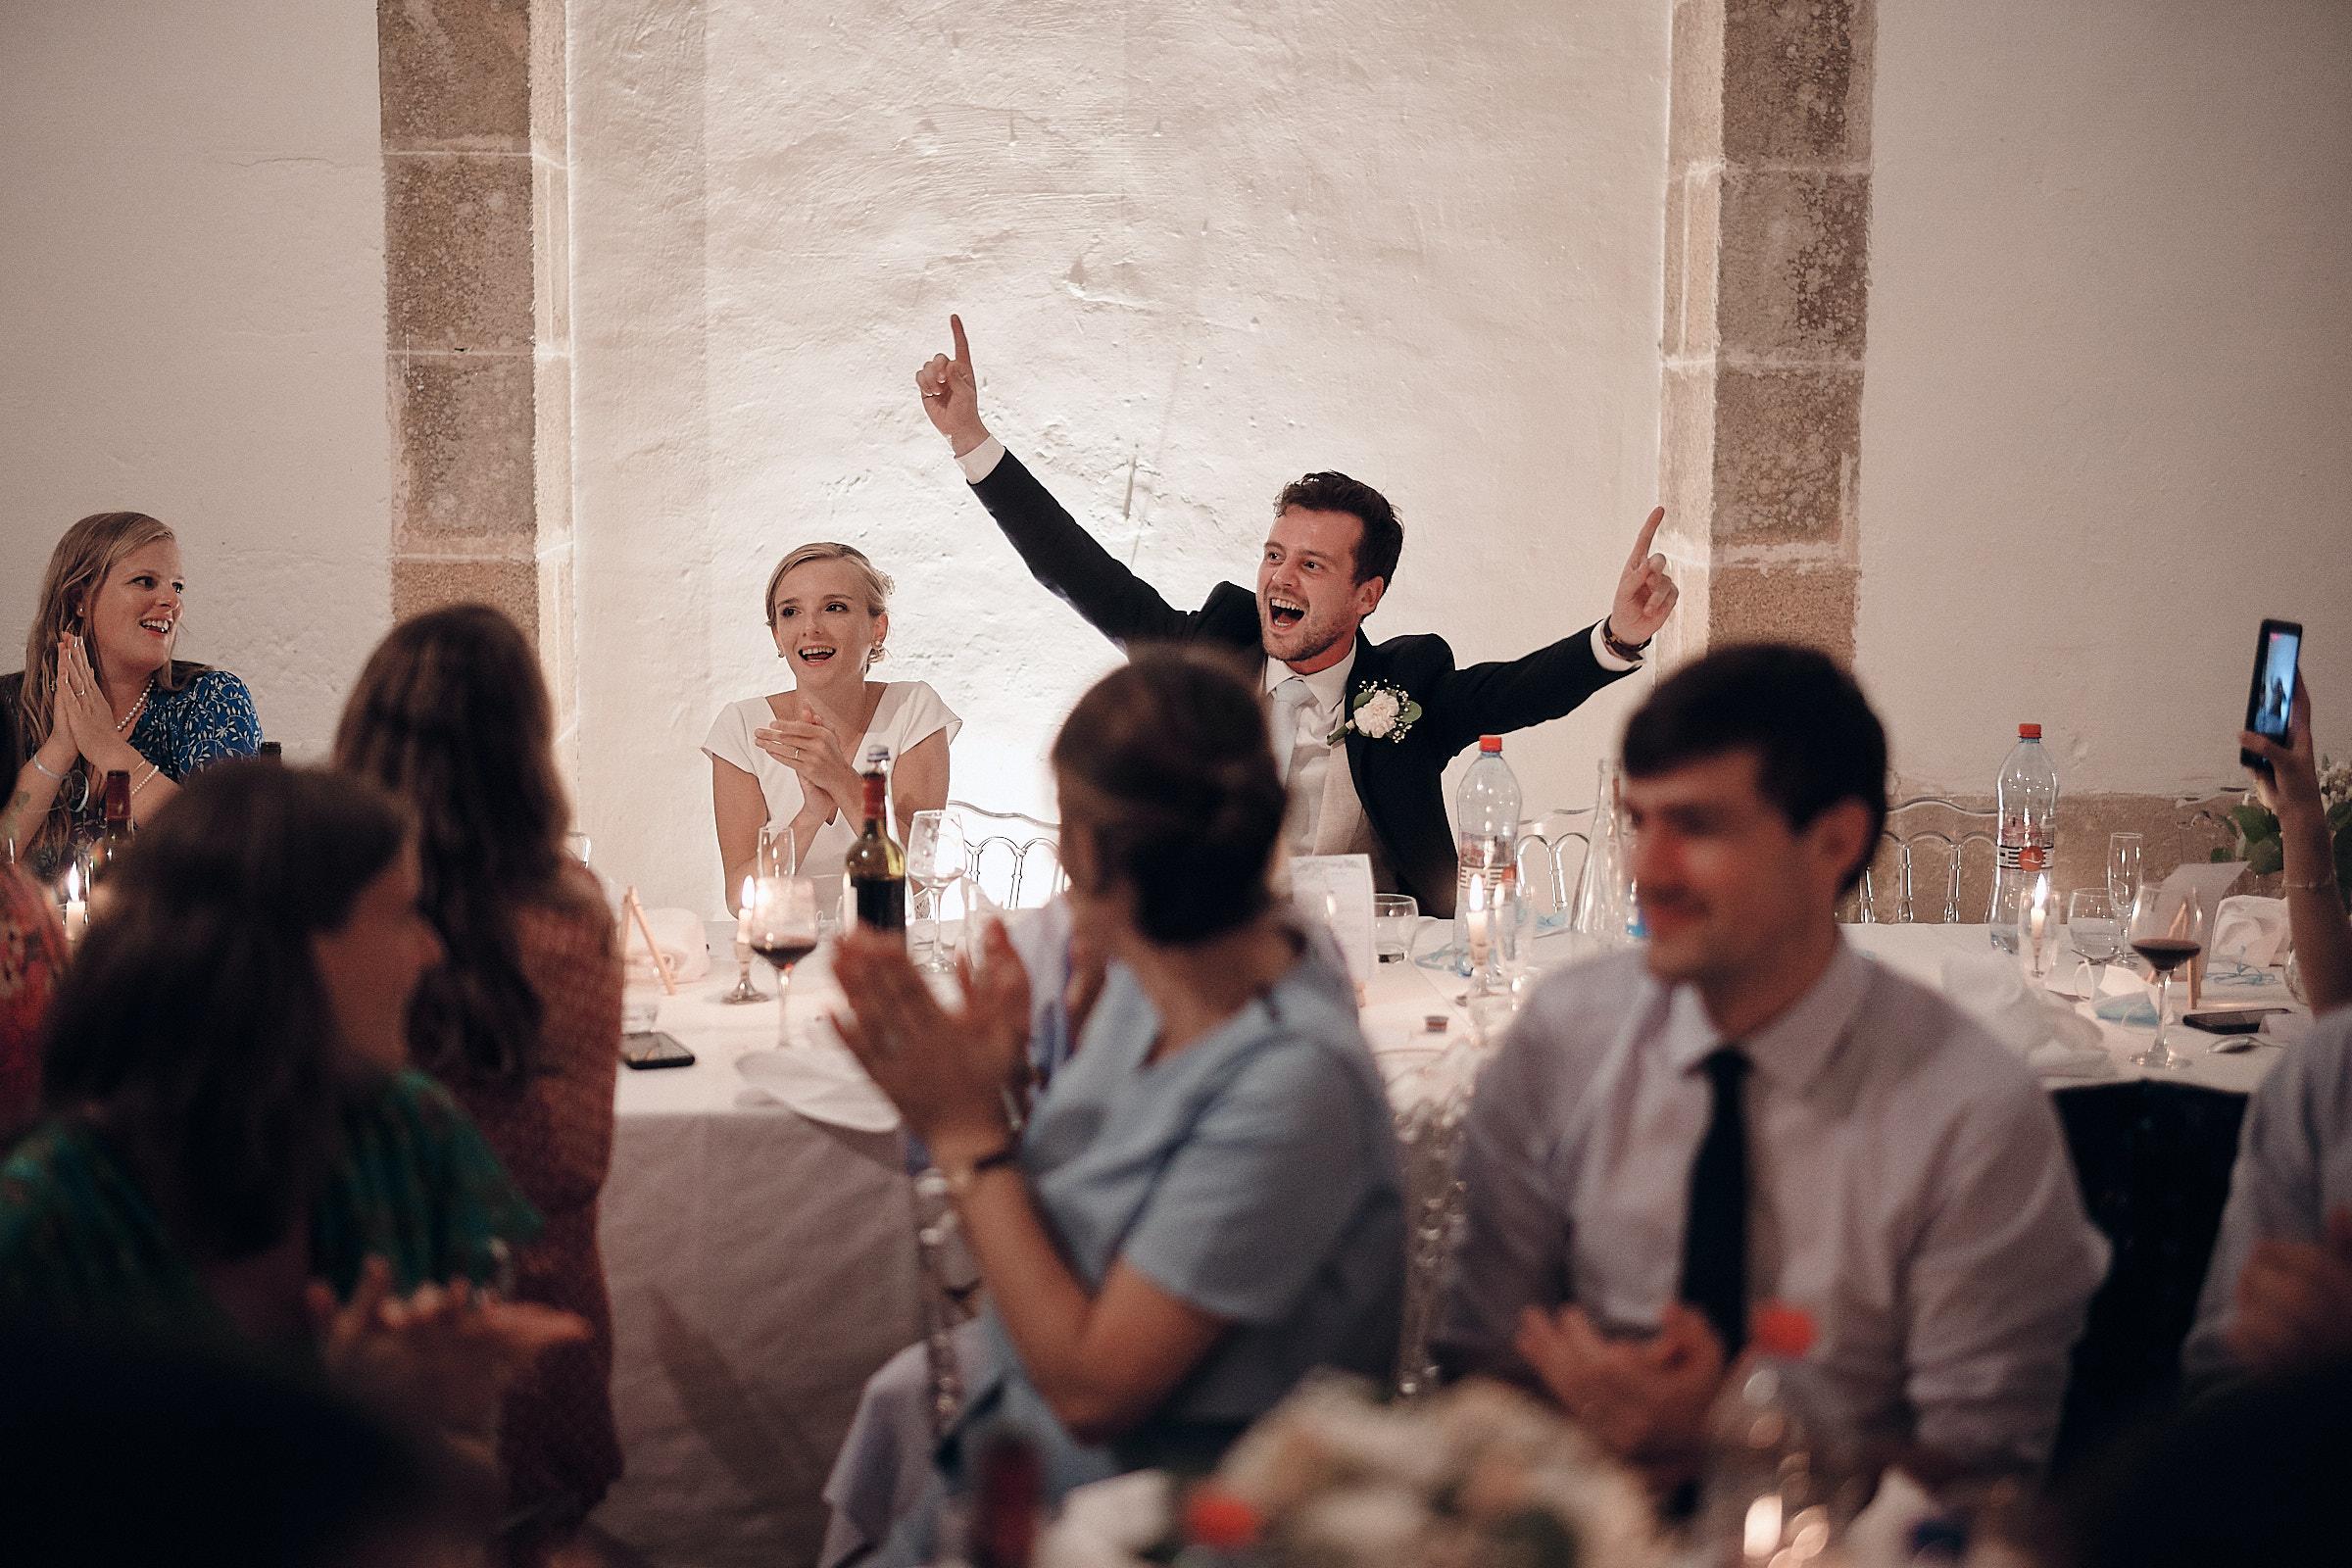 réaction du marié à la surprise des témoins